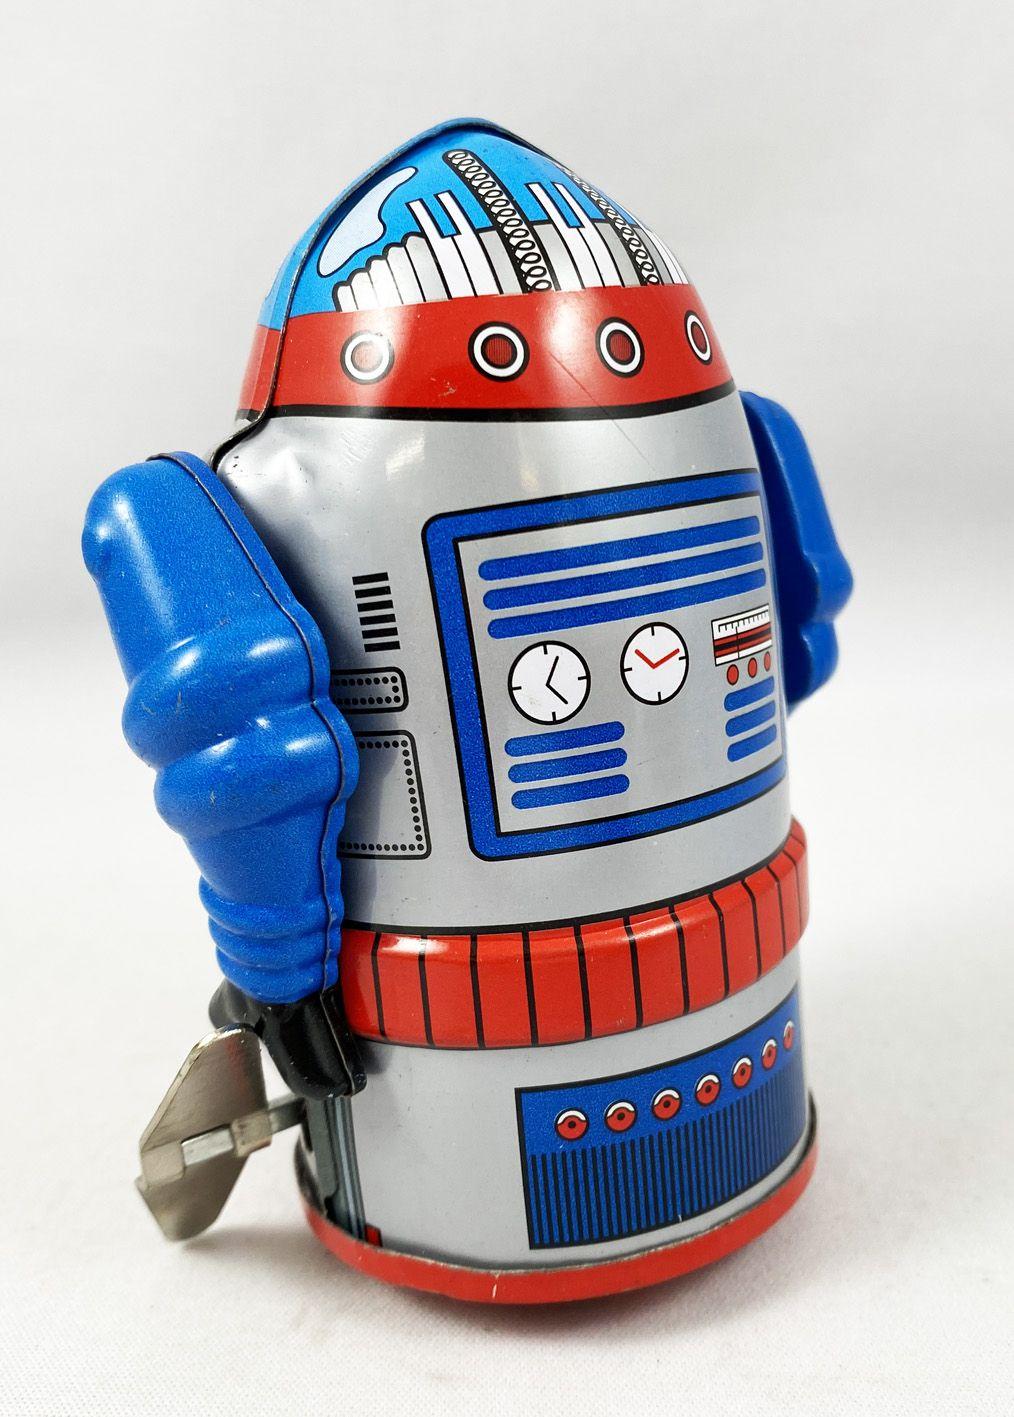 Robot - Mechanical Walking Tin Robot - Cragstan Mr. Atomic Grey (Ha Ha Toy) MS632